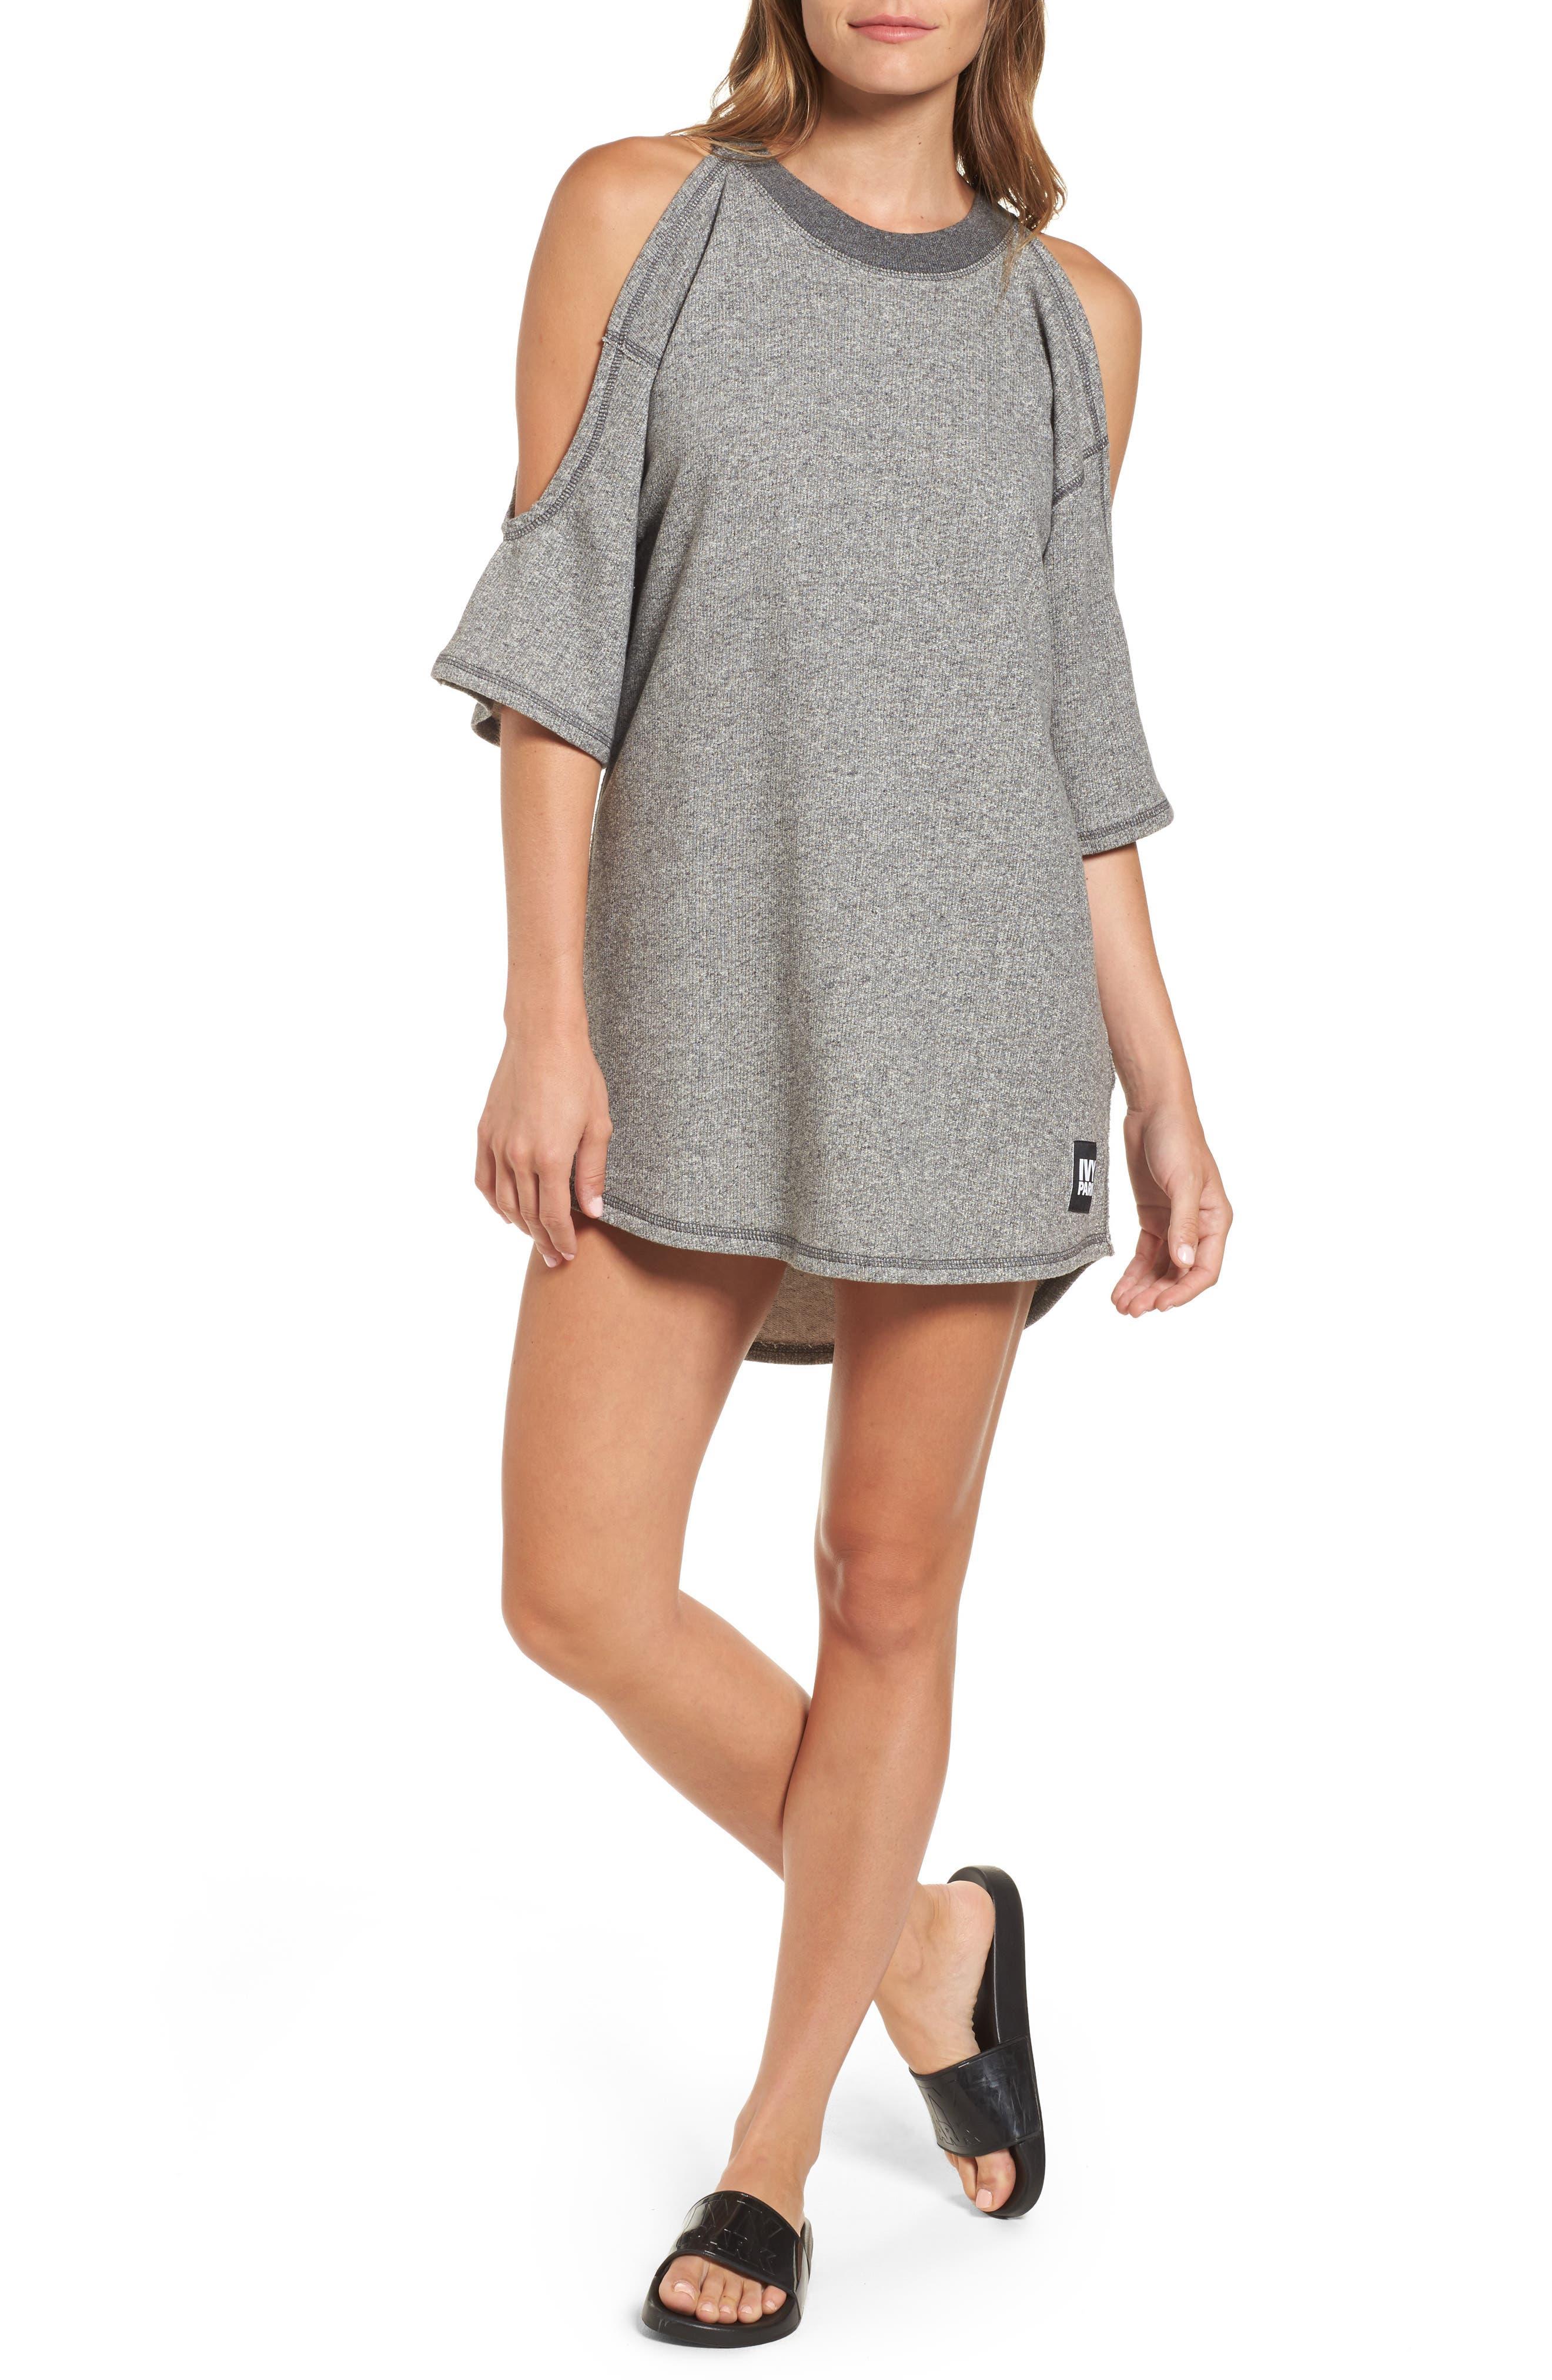 Alternate Image 1 Selected - IVY PARK® Cold Shoulder Sweatshirt Dress